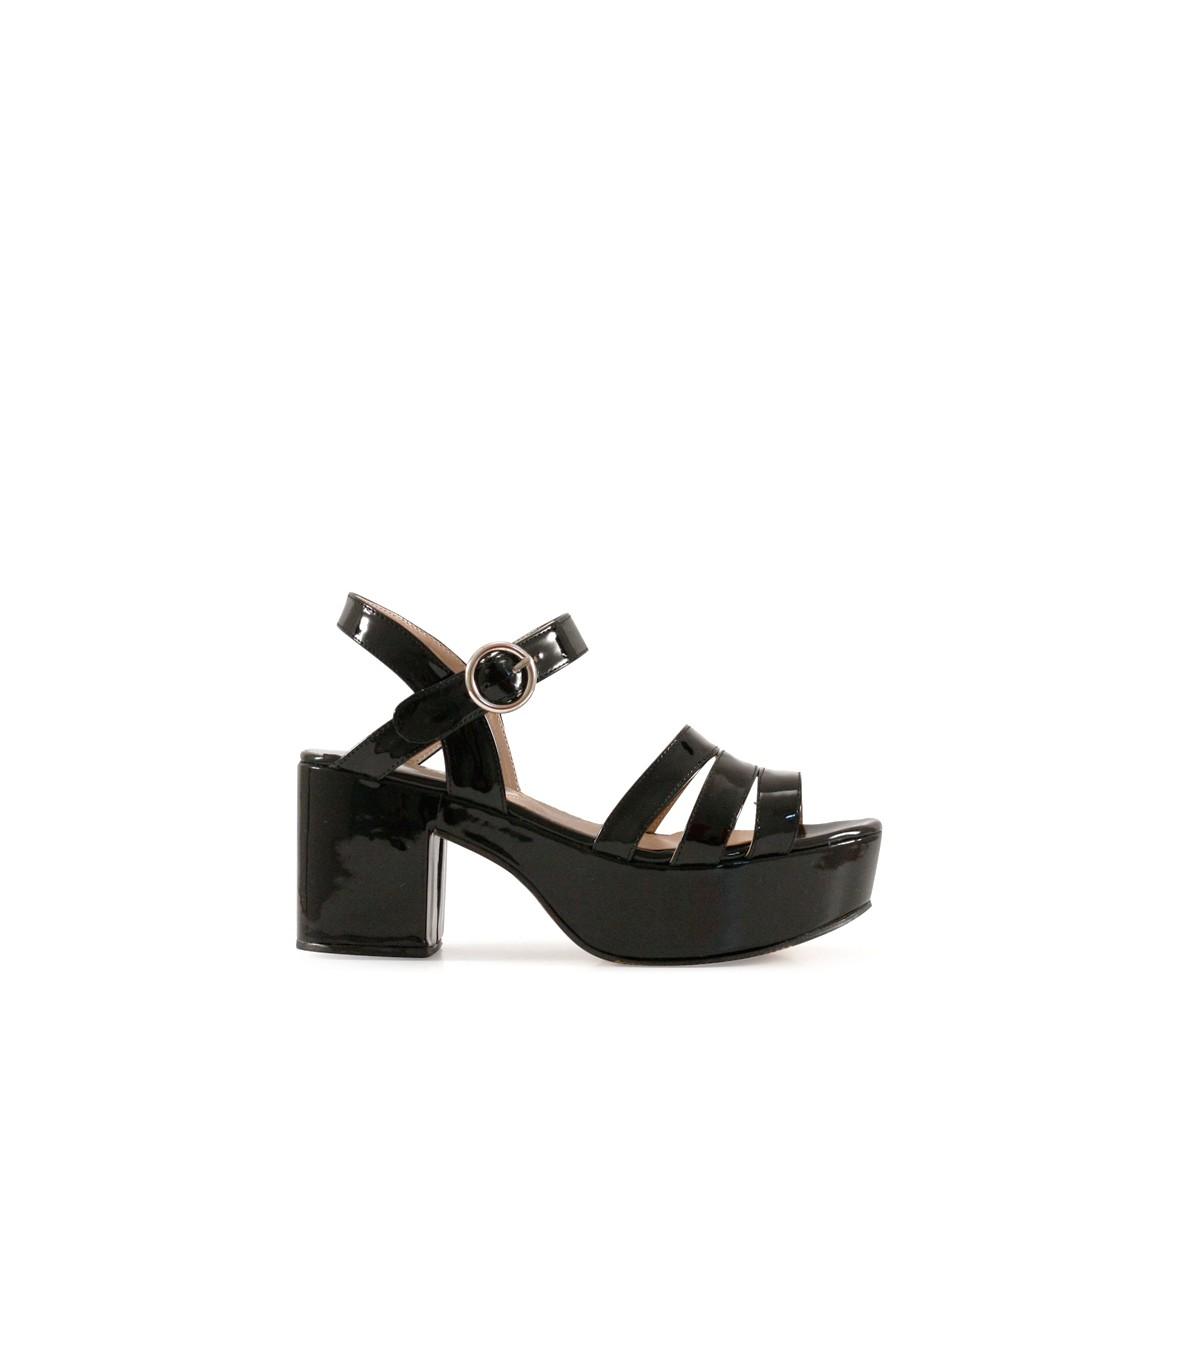 4c8f7c32a24 Sandalias de charol negro con plataforma en batistella.com.ar